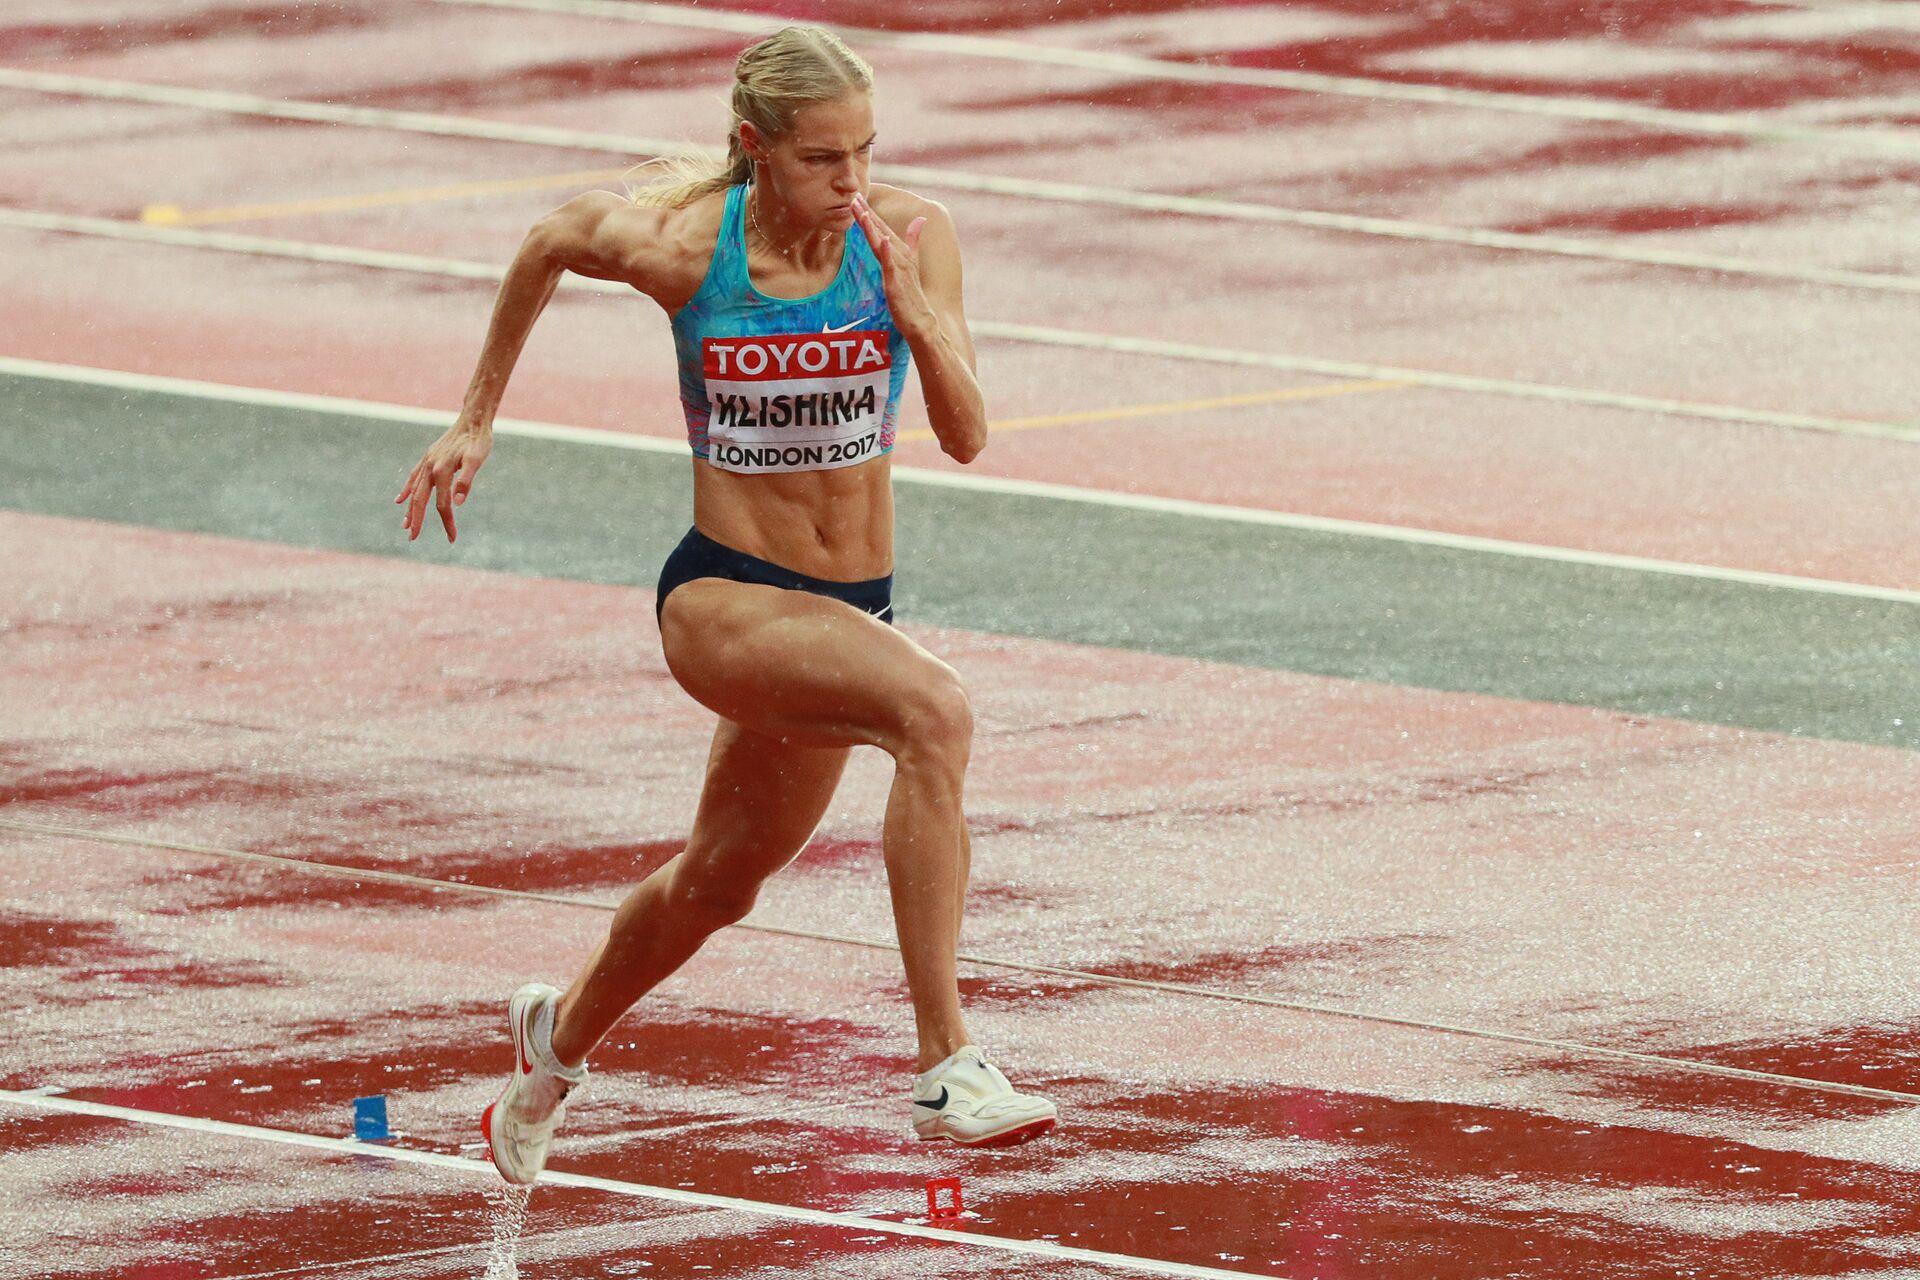 Дарья Клишина (АNA) во время квалификационных соревнований по прыжкам в длину среди женщин на чемпионате мира 2017 по легкой атлетике в Лондоне - РИА Новости, 1920, 29.07.2021